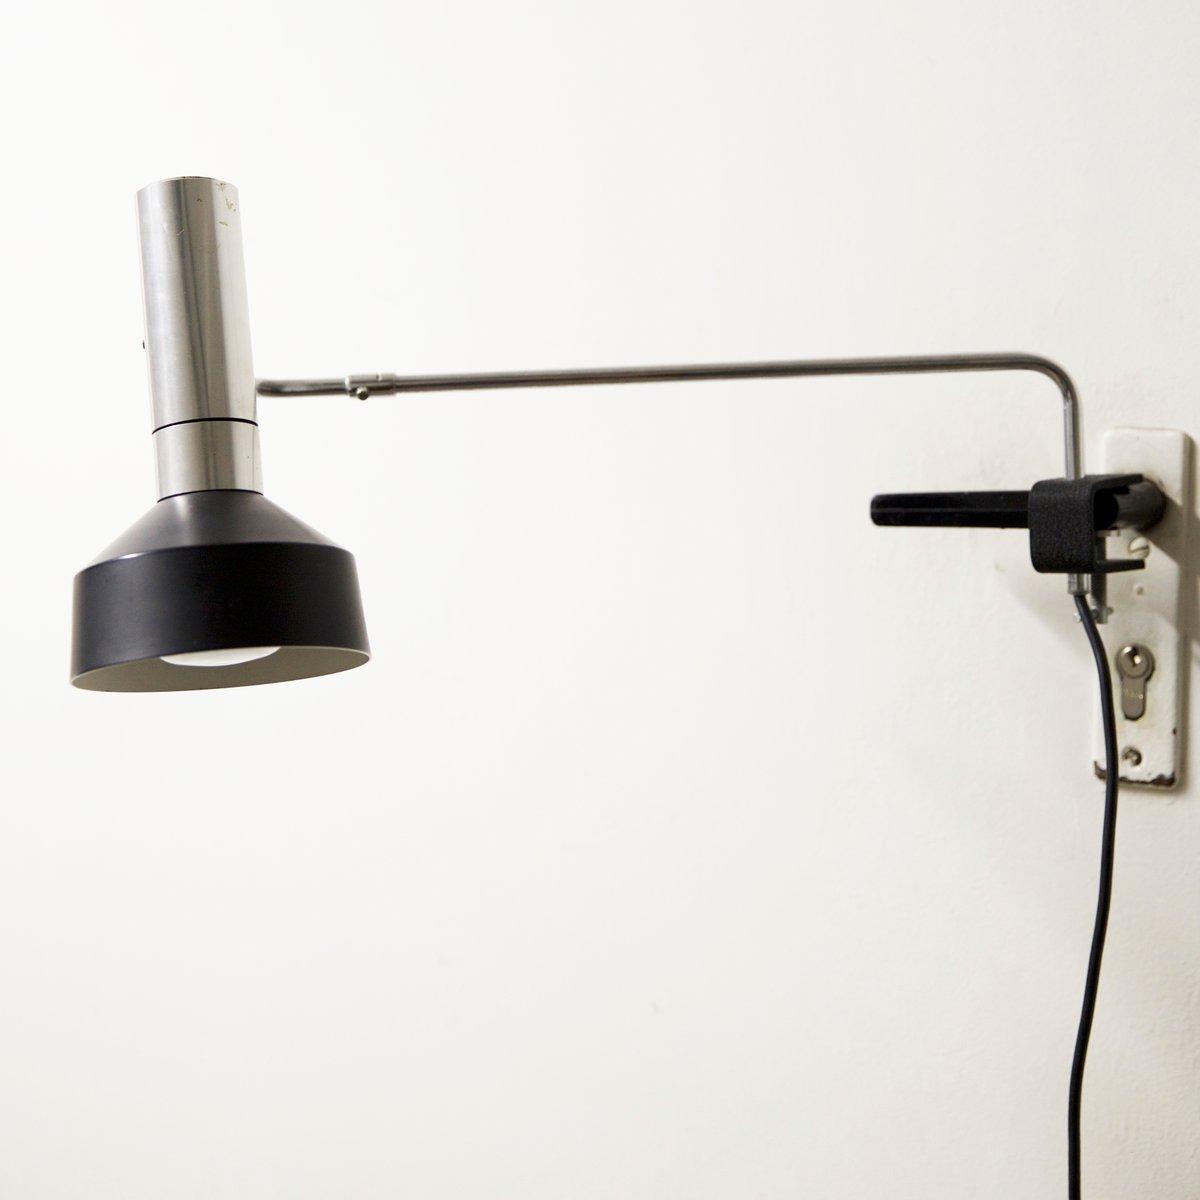 klemm lampe aus metall von baltensweiler bei pamono kaufen. Black Bedroom Furniture Sets. Home Design Ideas